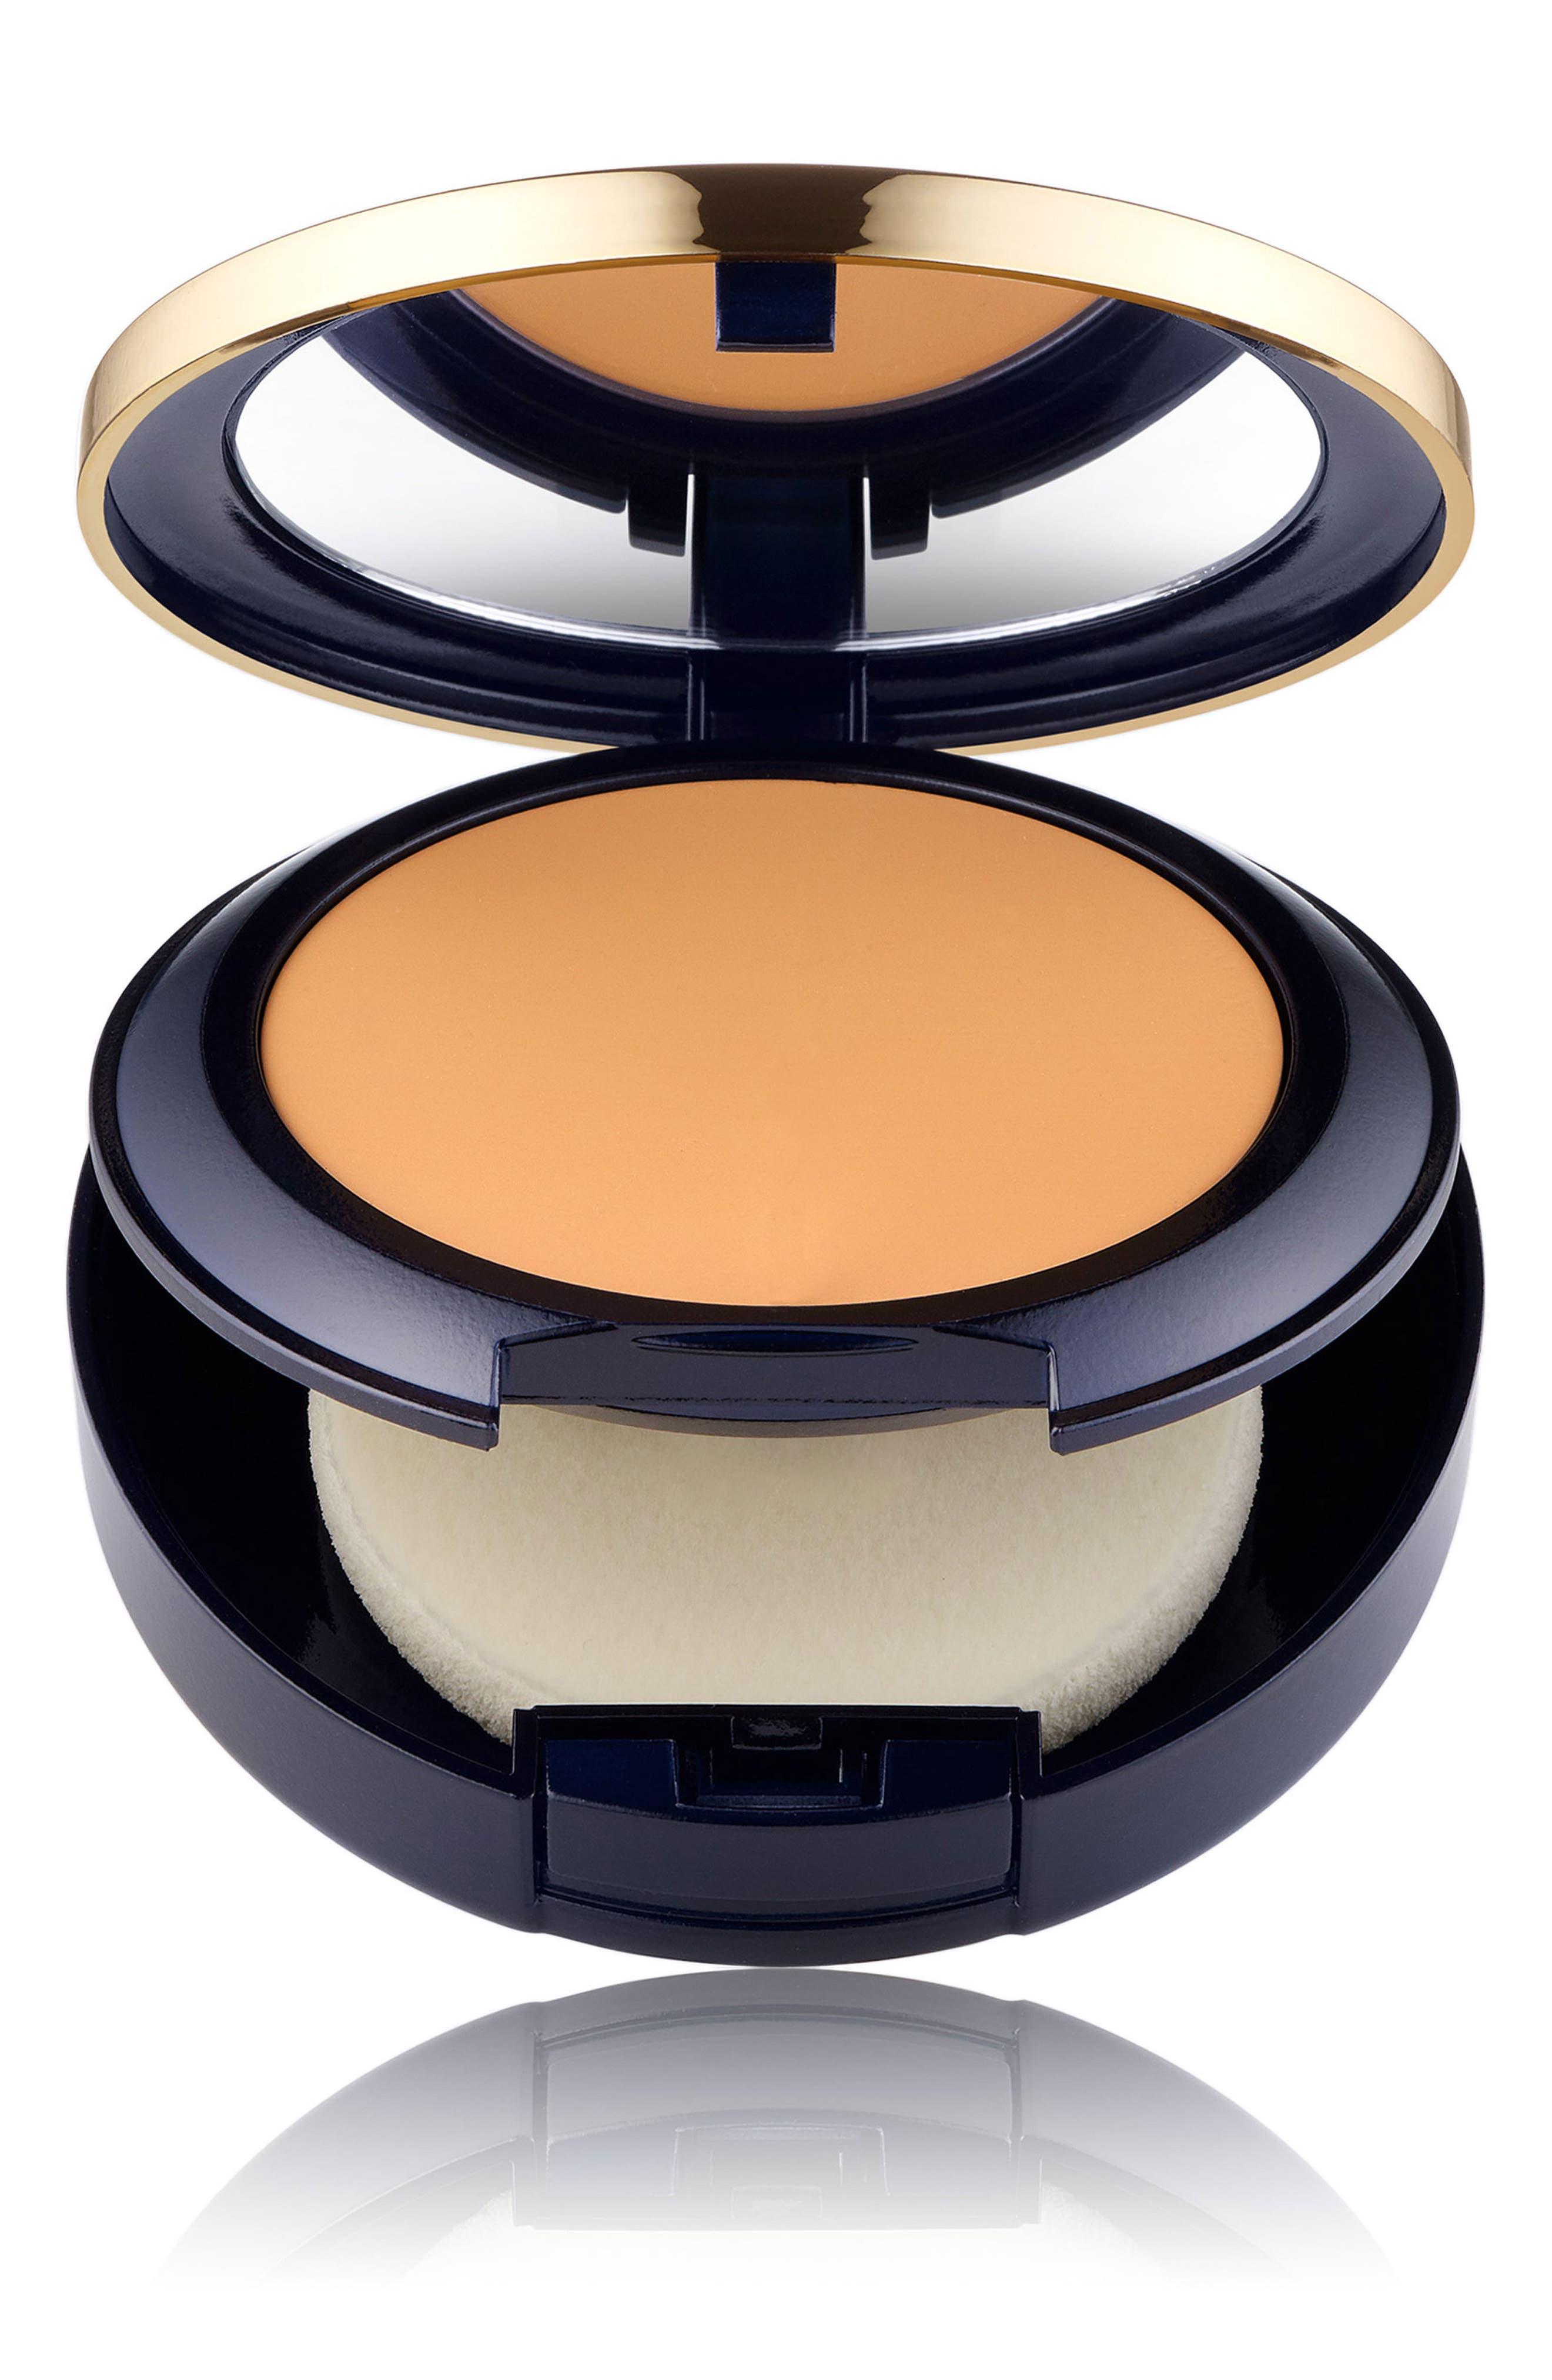 Estee Lauder Double Wear Stay In Place Matte Powder Foundation - 6W1 Sandalwood